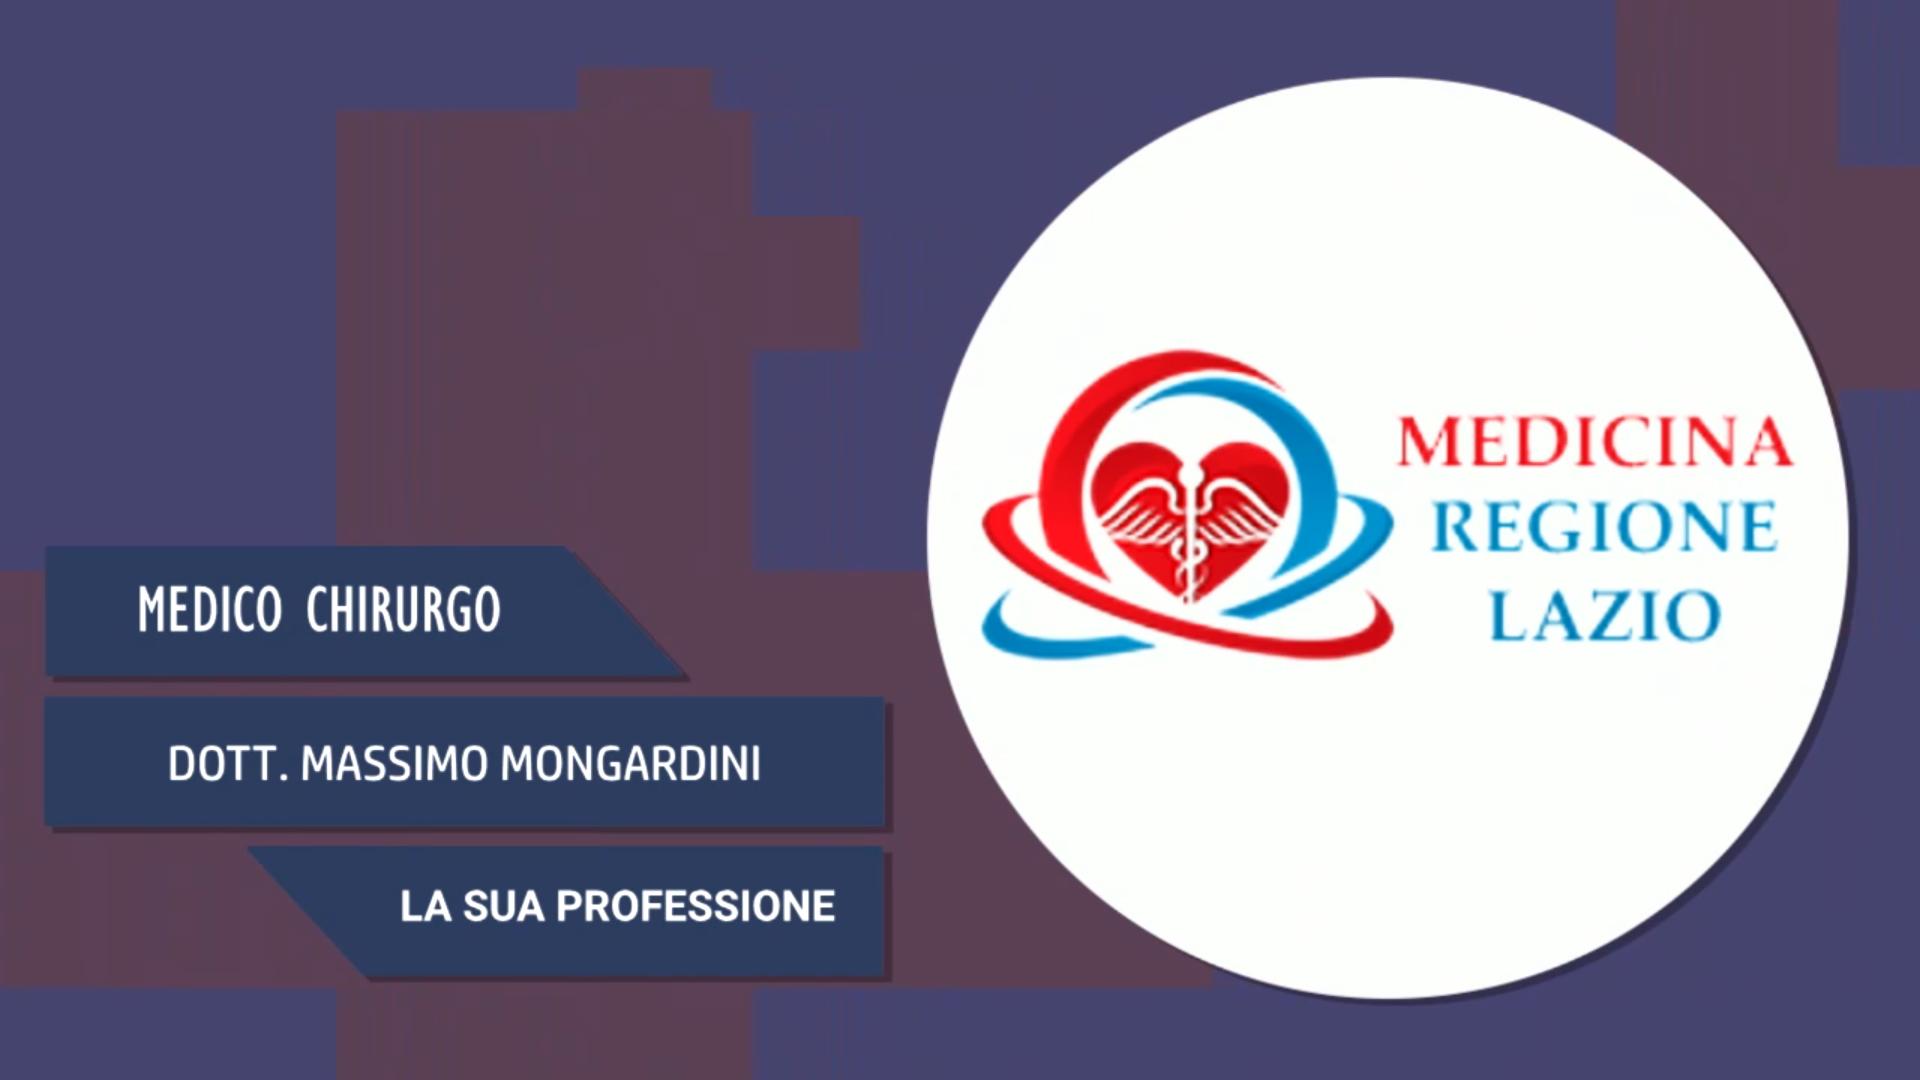 Intervista al Dott. Massimo Mongardini – La sua professione